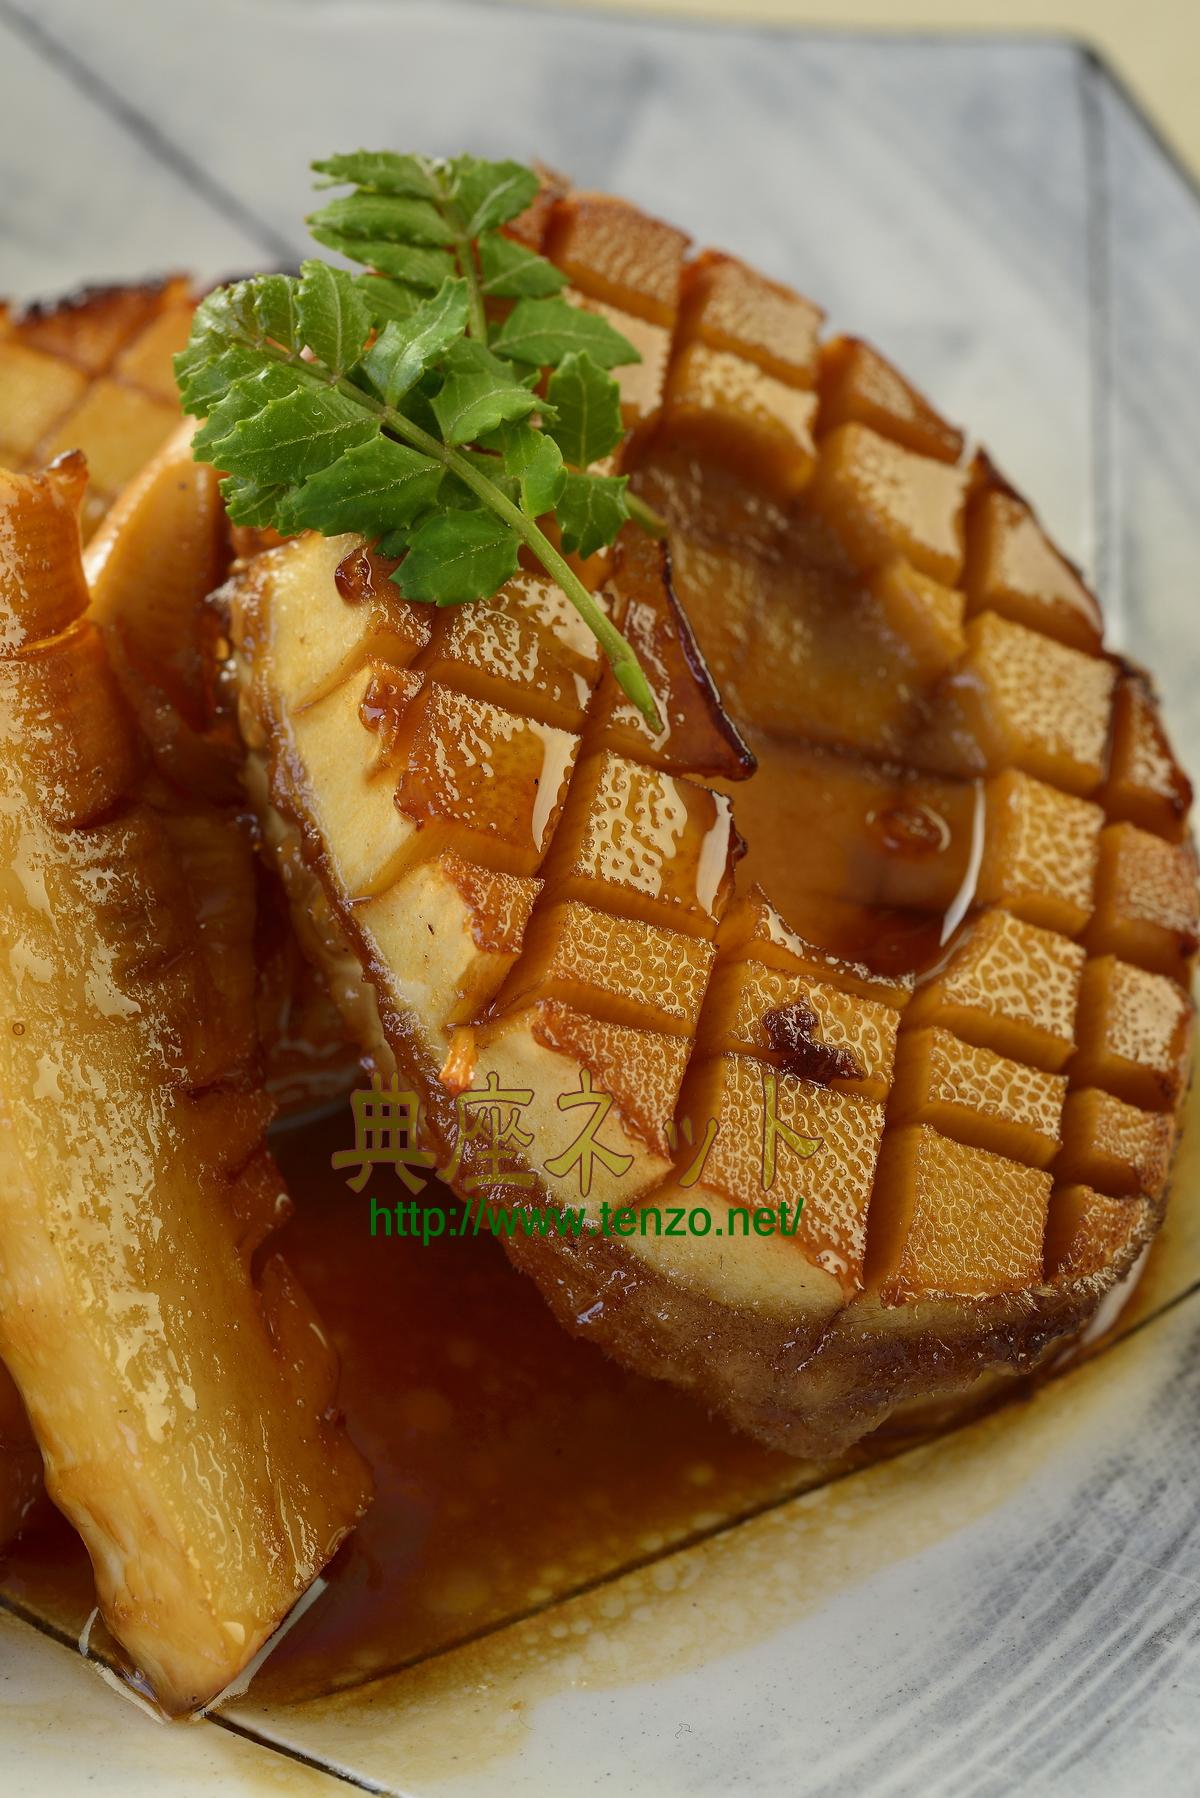 タケノコの照り焼きステーキ